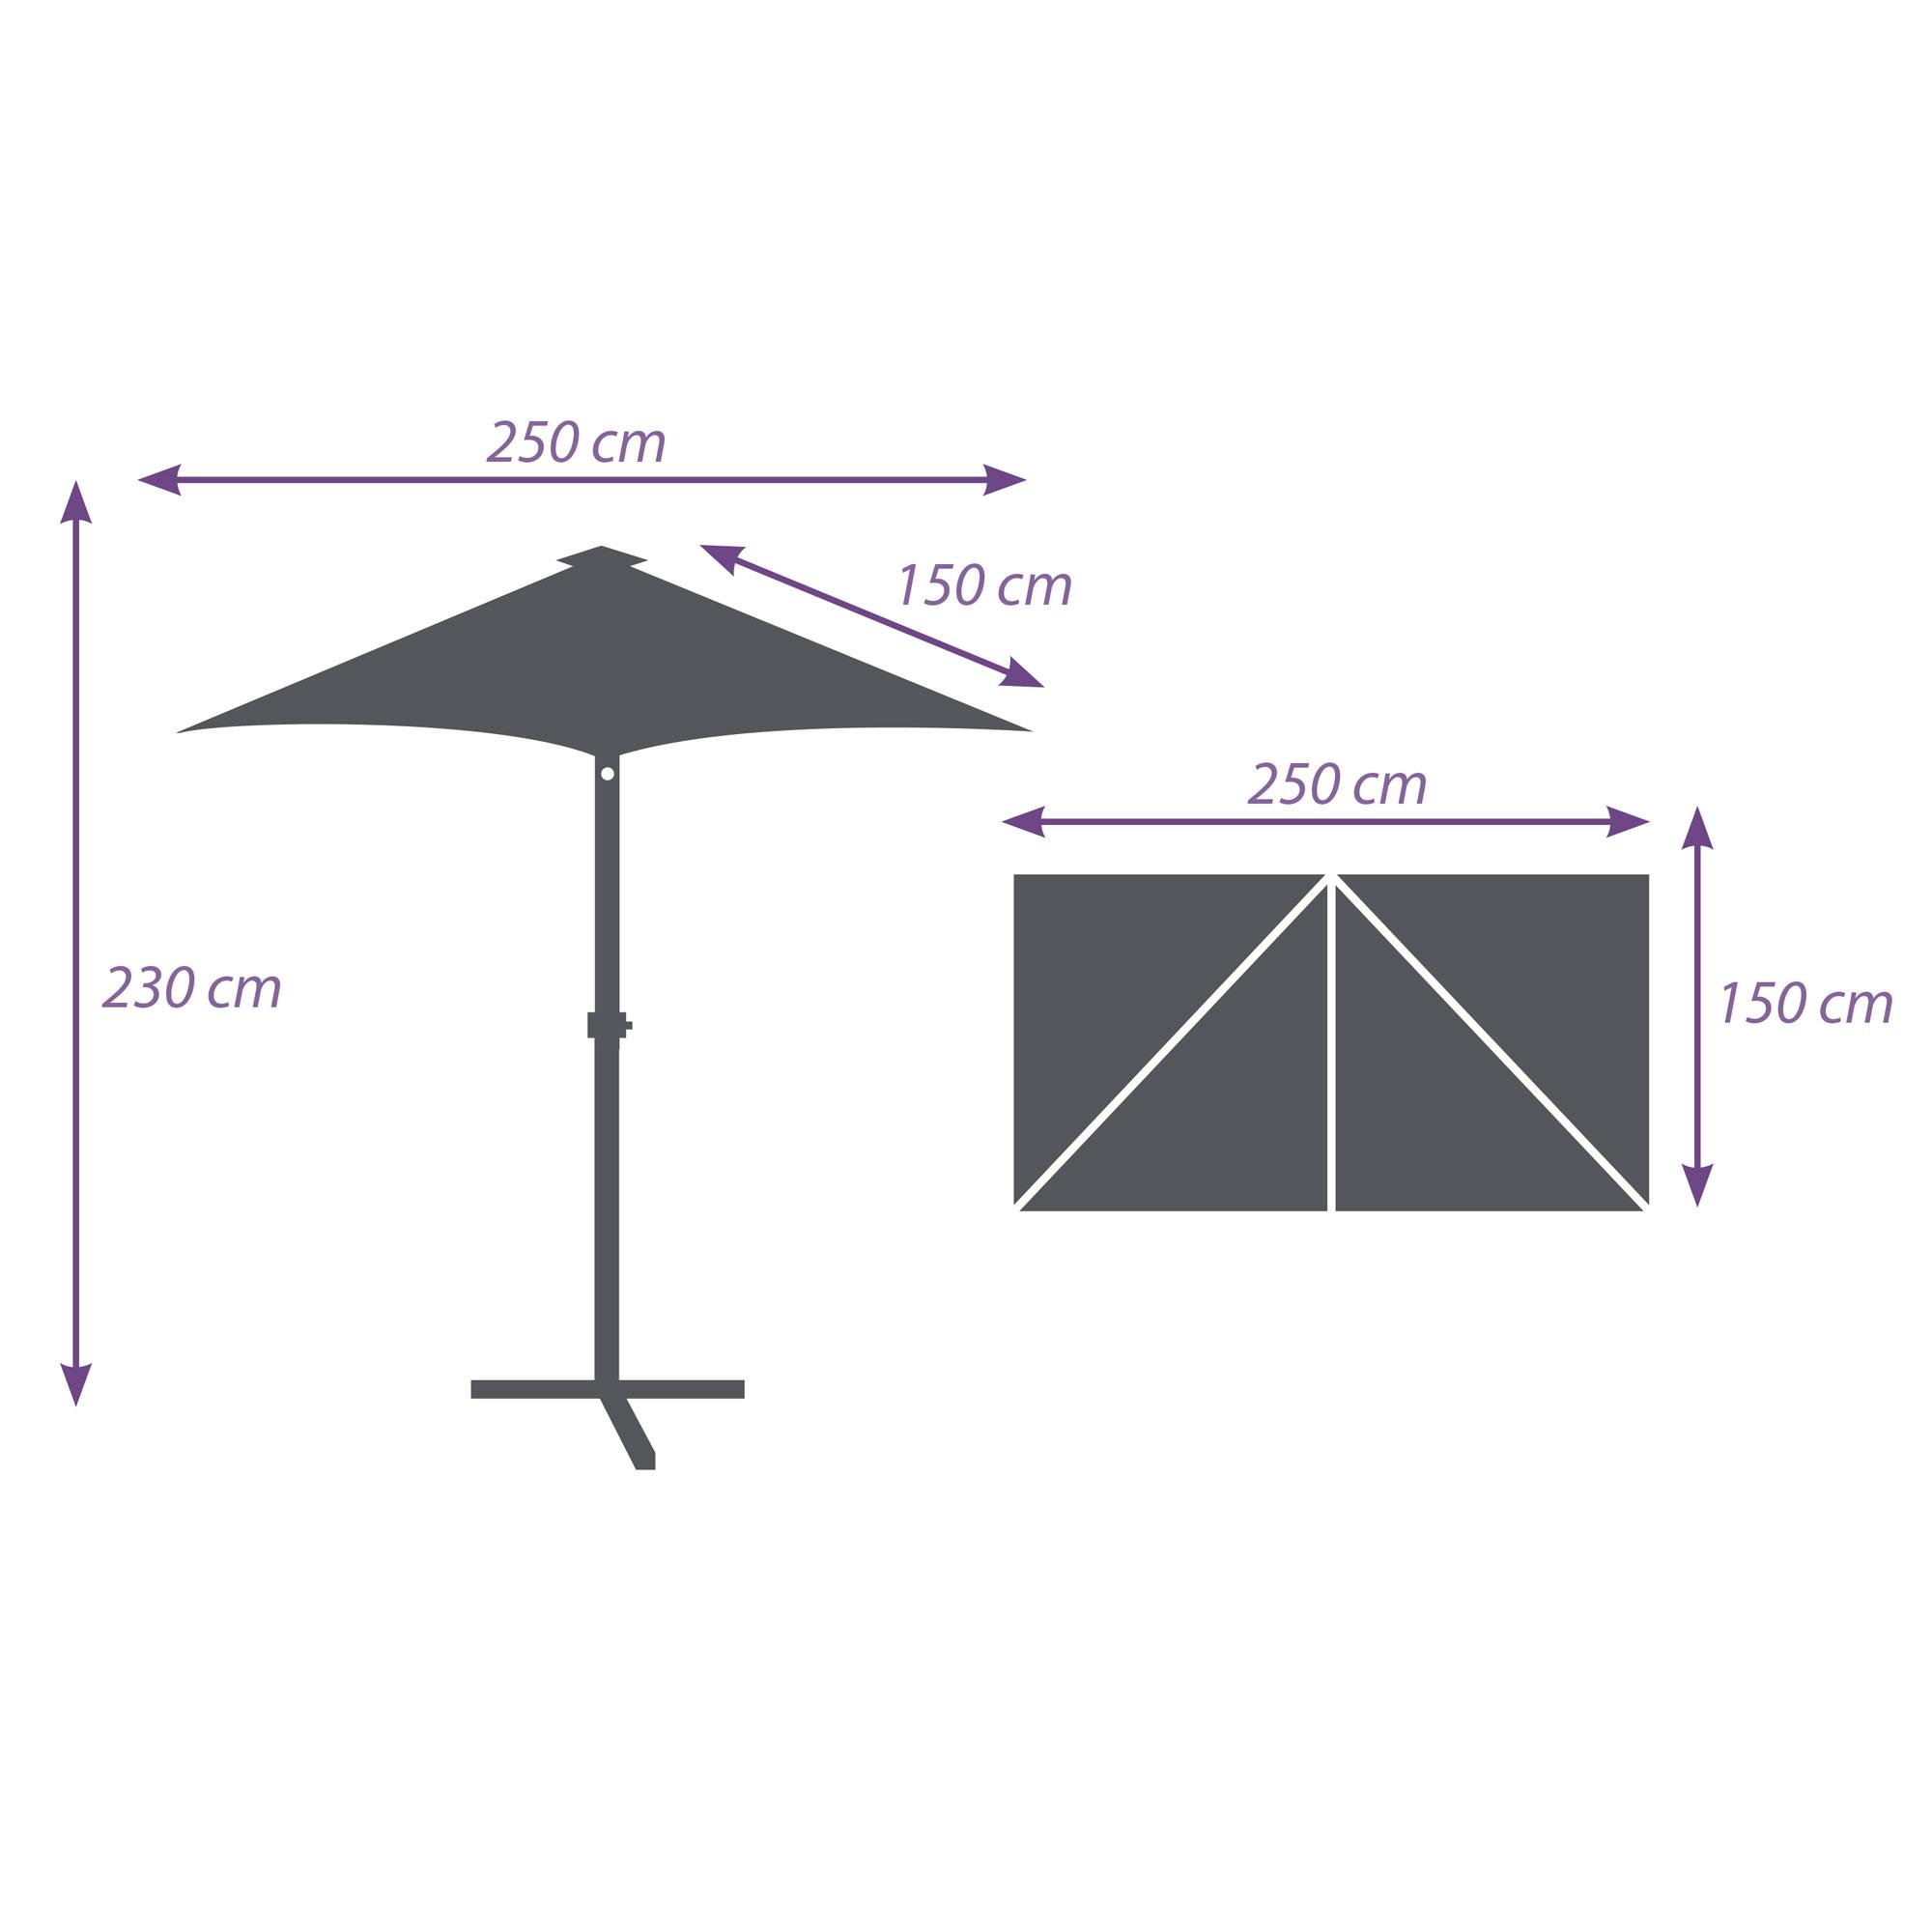 Parasol d port de balcon rectangulaire 250 x 150 cm a - Parasol deporte rectangulaire 4x3 ...